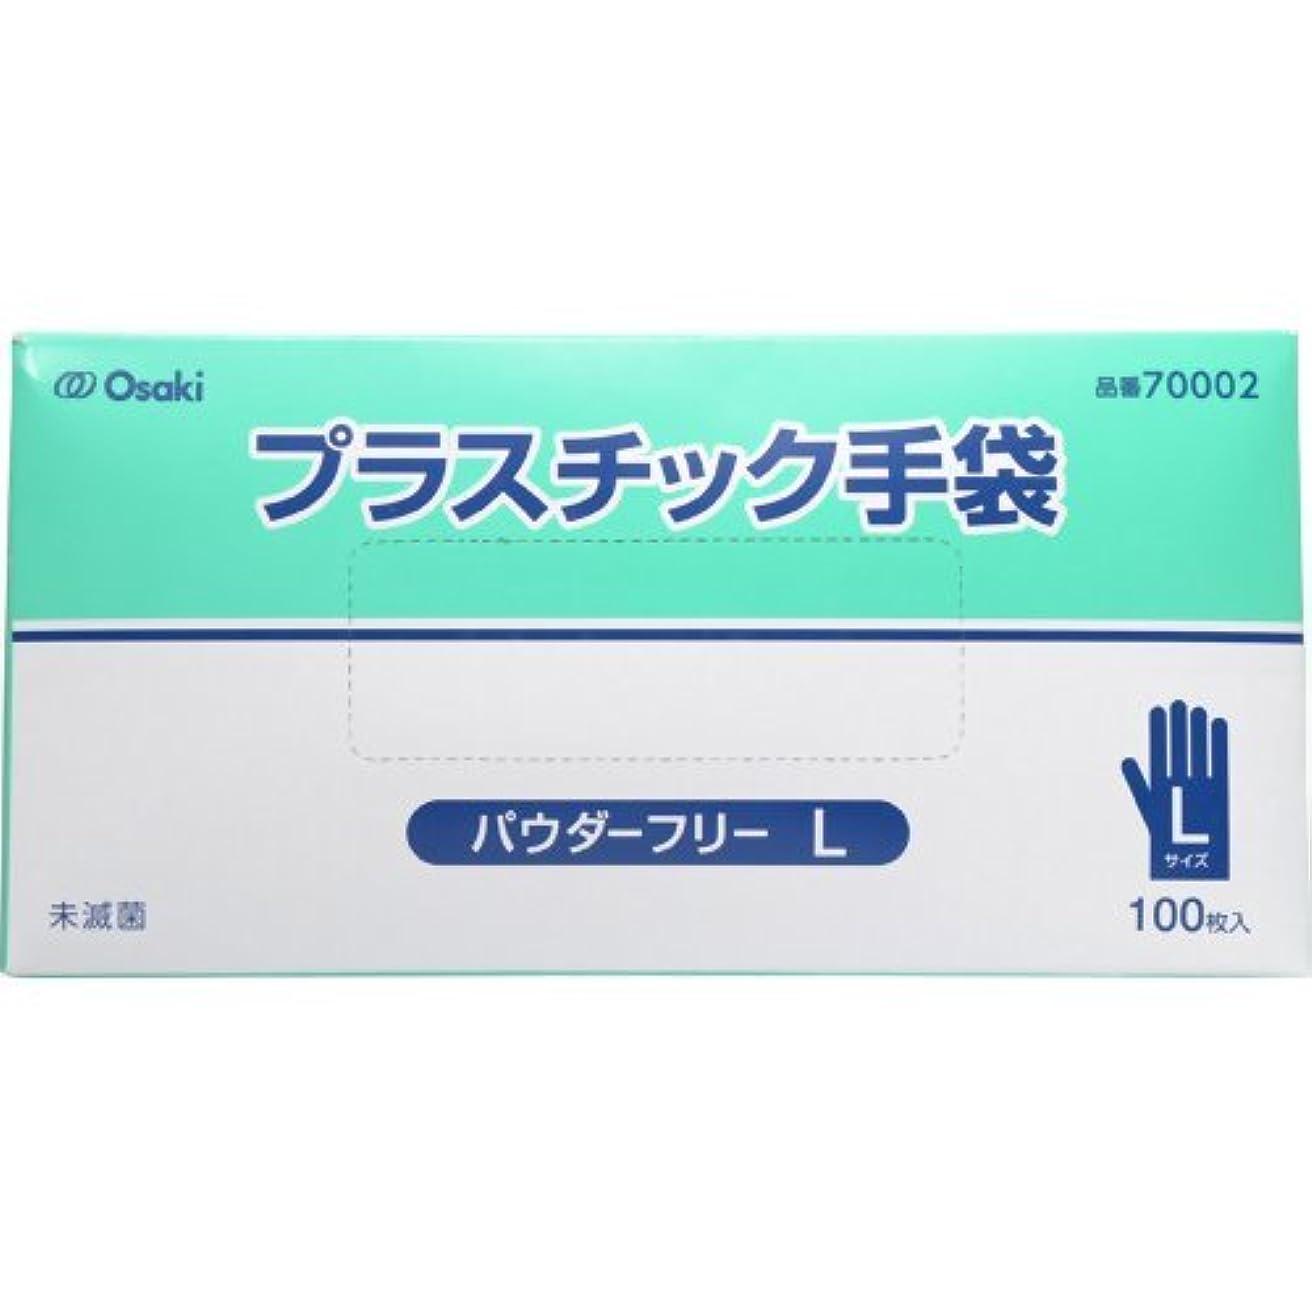 交換可能コート対オオサキメディカル プラスチック手袋 PF Lサイズ 100枚入